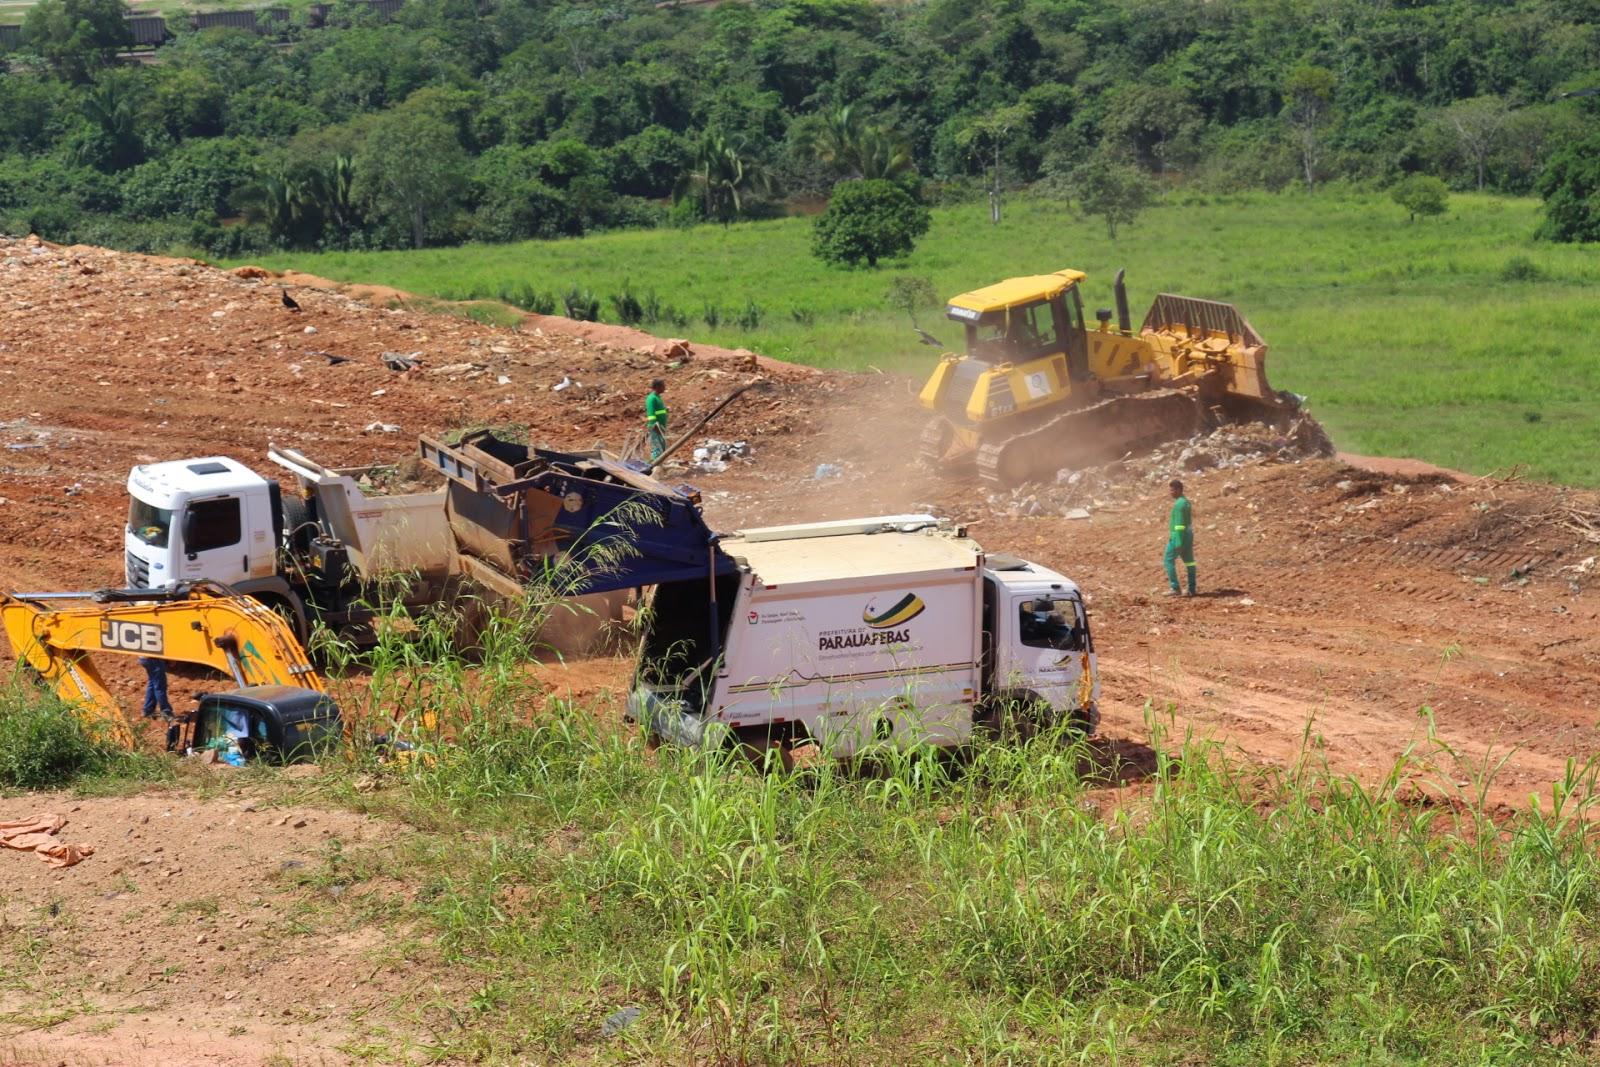 Parauapebas irá investir R$3,6 milhões na readequação do Lixão